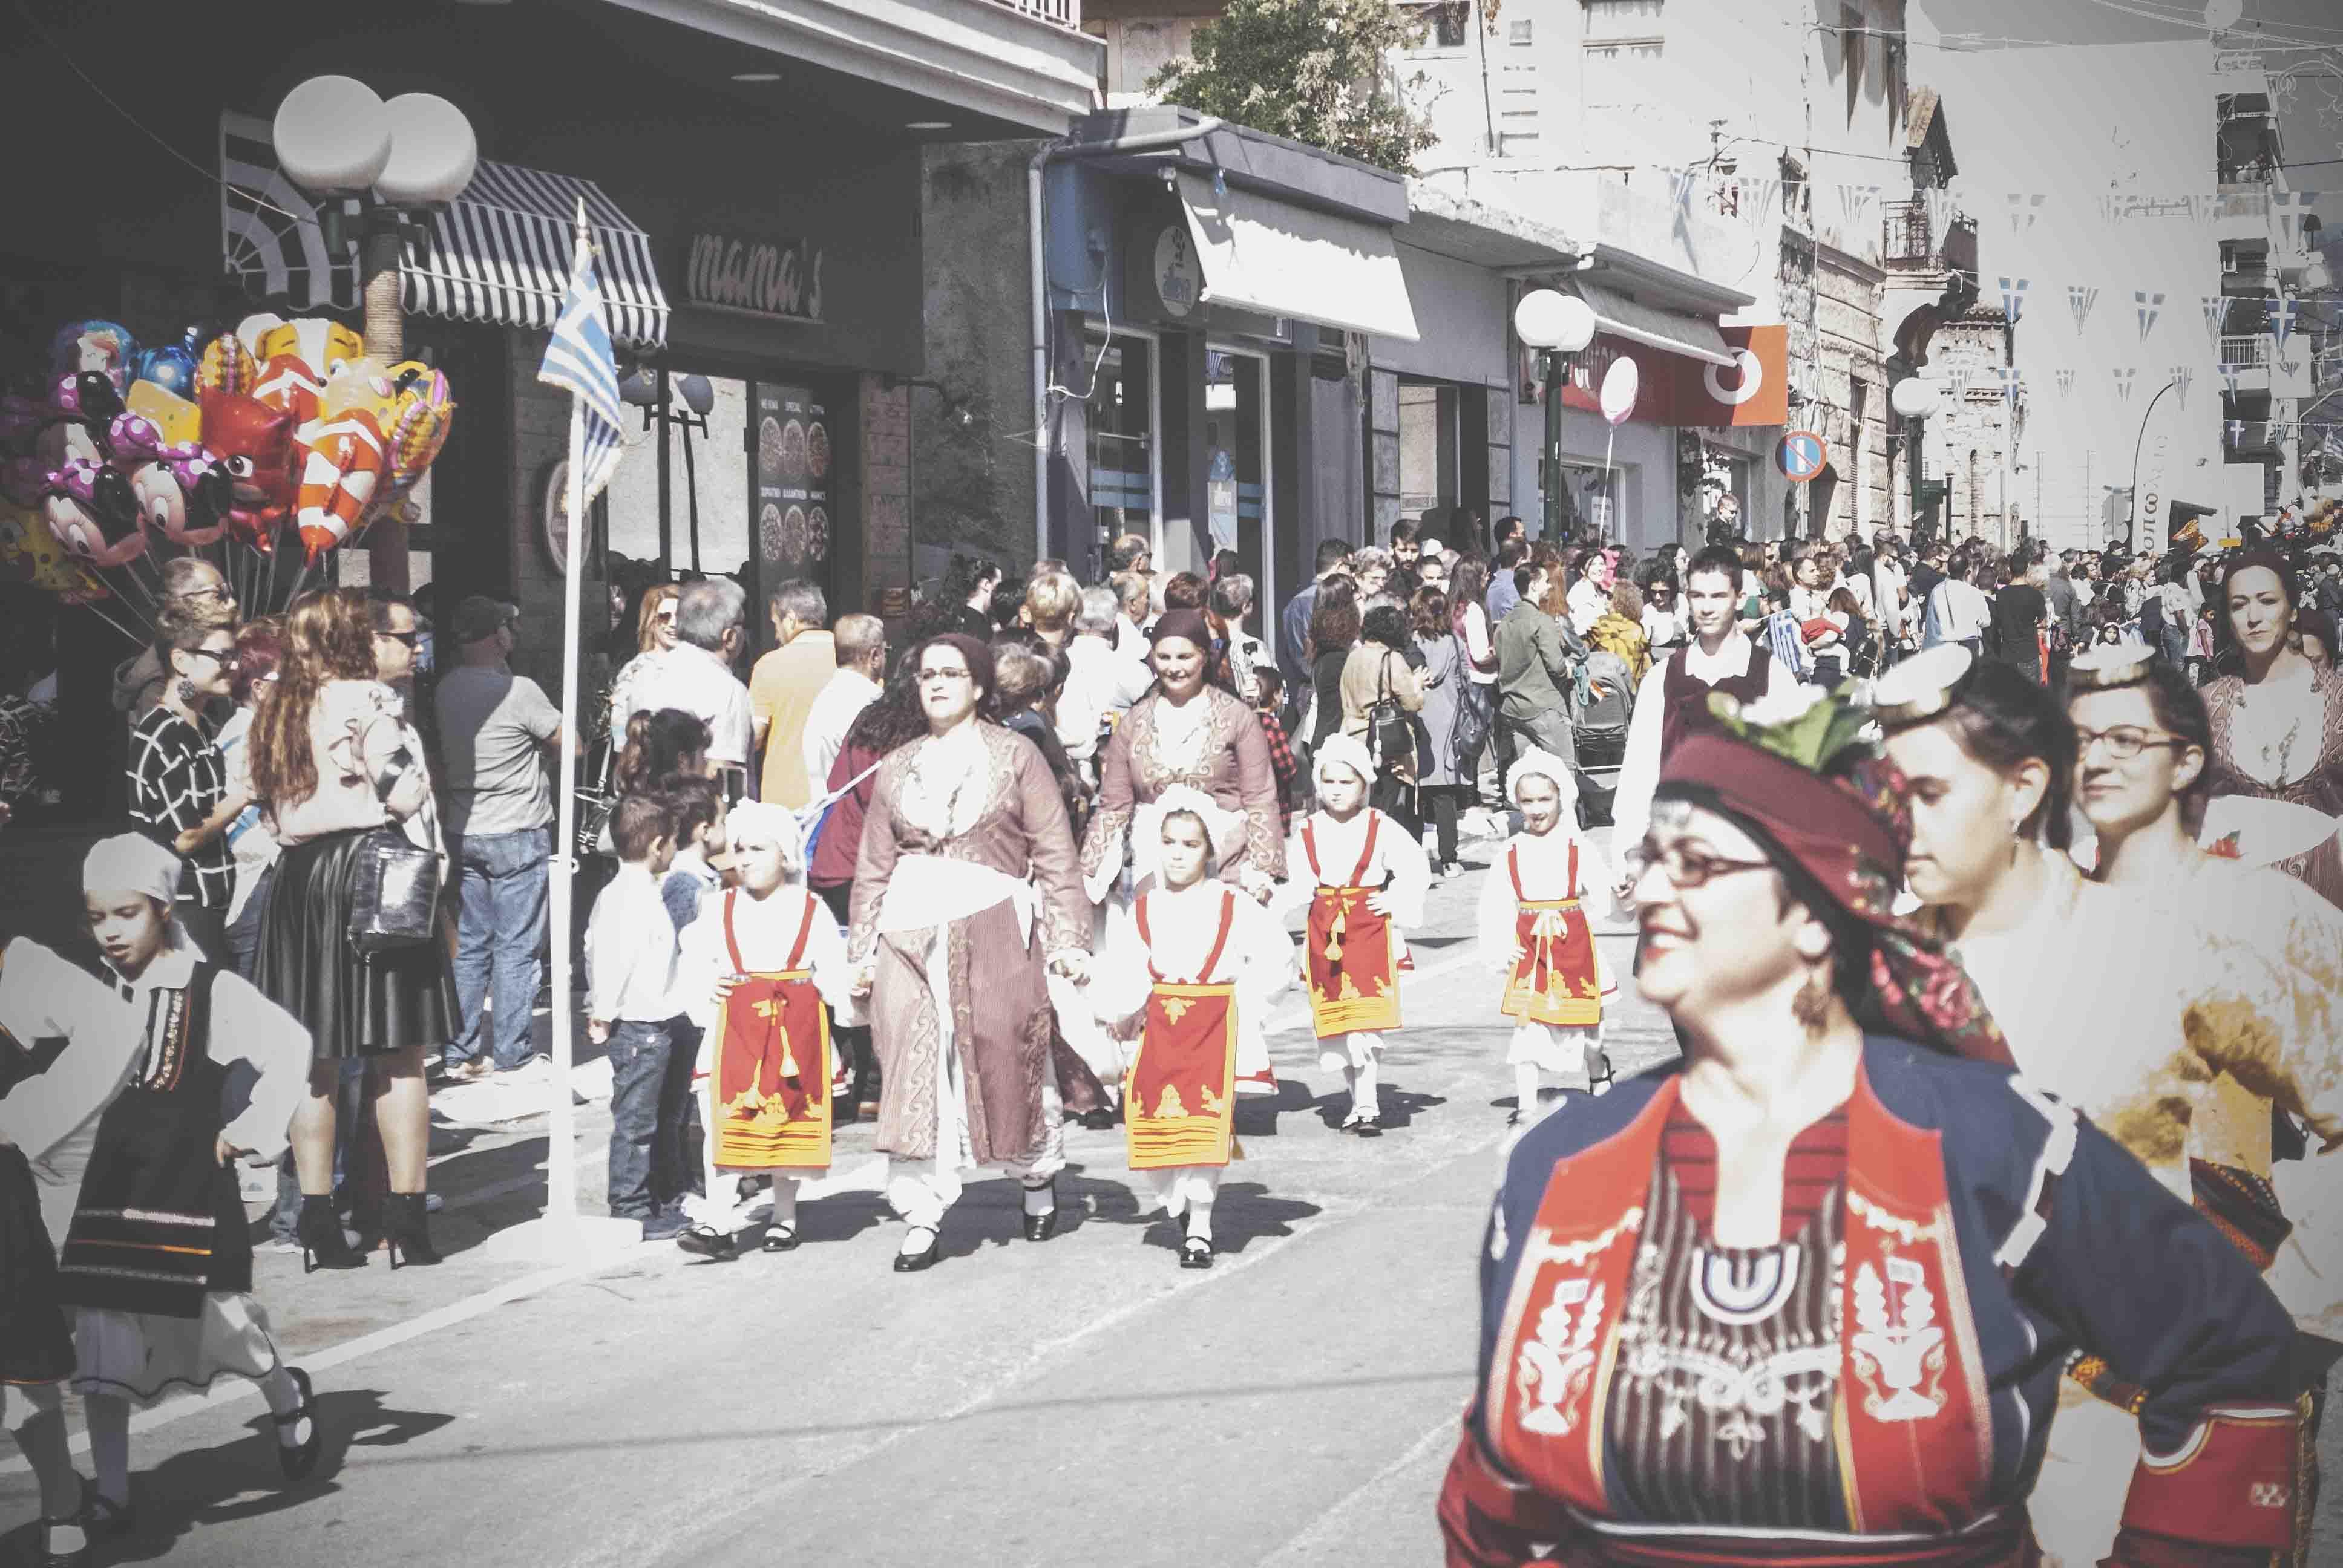 Φωτογραφικό υλικό από την παρέλαση στα Ψαχνά Φωτογραφικό υλικό από την παρέλαση στα Ψαχνά DSC 0332